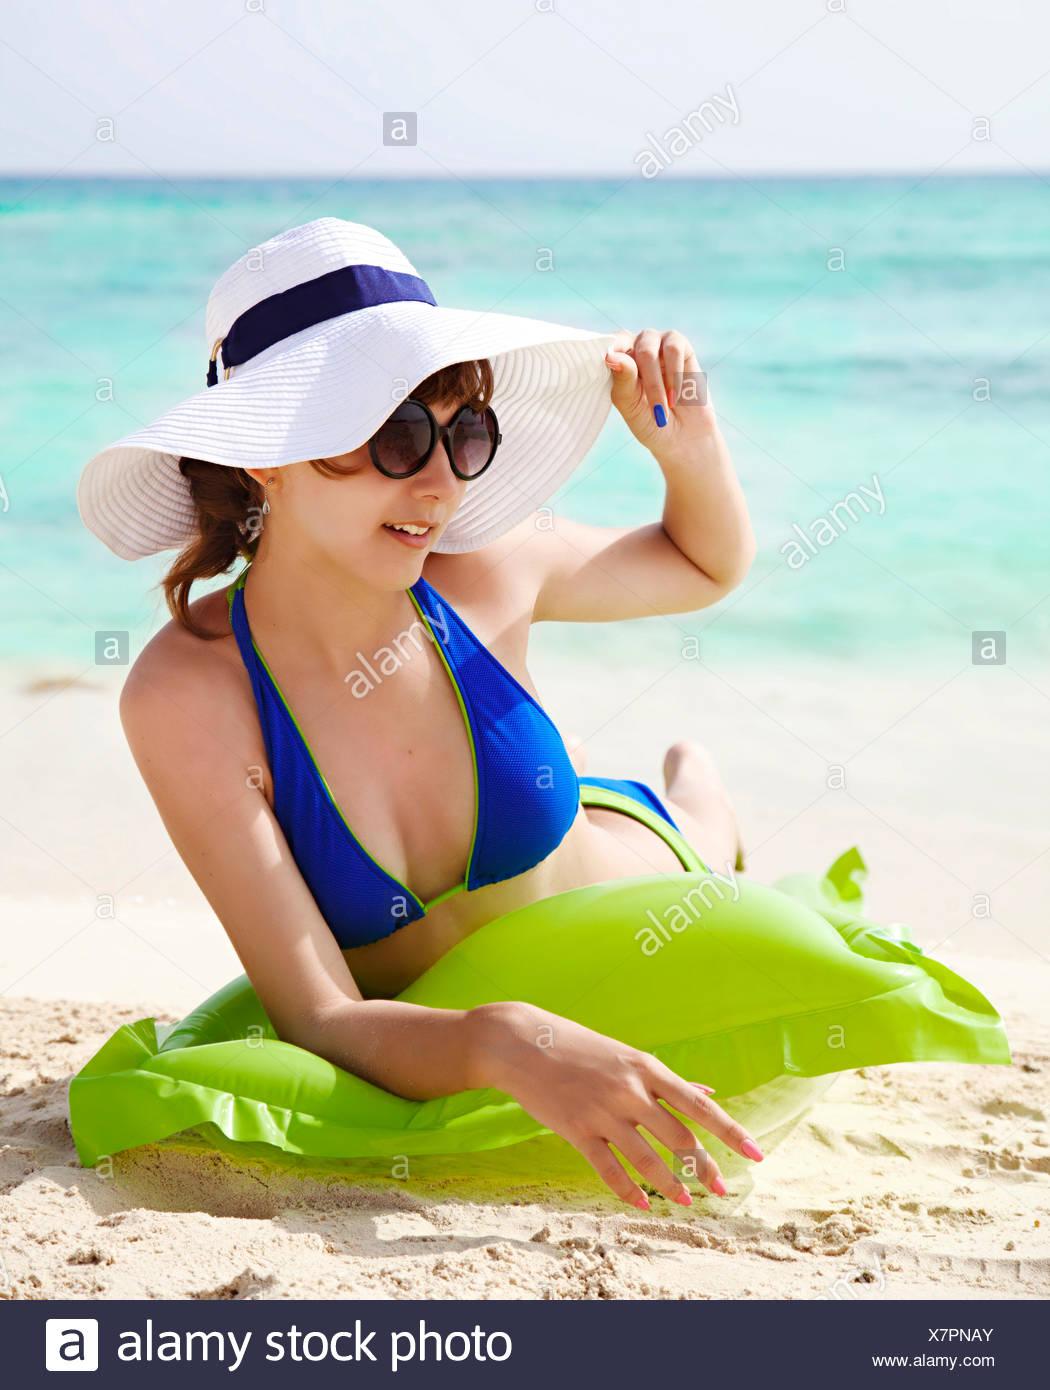 Ragazza adolescente in un bikini a prendere il sole sulla spiaggia Immagini Stock